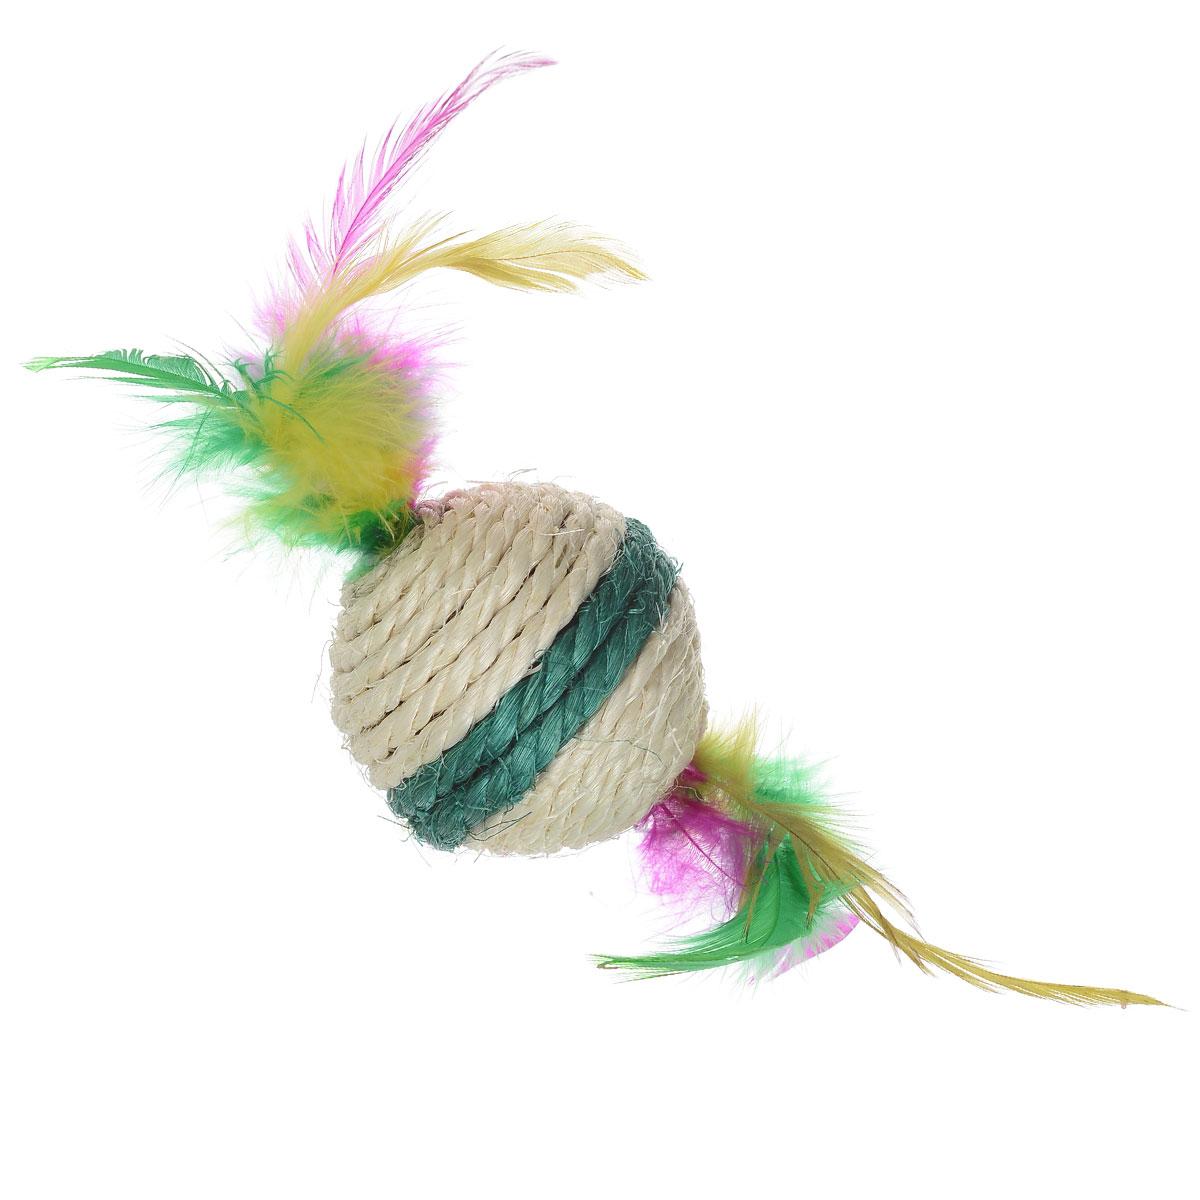 Игрушка-когтеточка Triol Шарик с перьями, цвет: зеленый, диаметр 6 смМДС3Игрушка-когтеточка Triol Шарик с перьями выполнена из сизаля и украшена разноцветными перьями. Внутри игрушки находится погремушка.Всем кошкам необходимо стачивать когти. Когтеточка - один из самых необходимых аксессуаров для кошки. Для приучения к когтеточке можно натереть ее сухой валерьянкой или кошачьей мятой.Игрушка-когтеточка Triol Шарик с перьями поможет вашему любимцу стачивать когти и при этом не портить вашу мебель.Диаметр игрушки: 6 см.